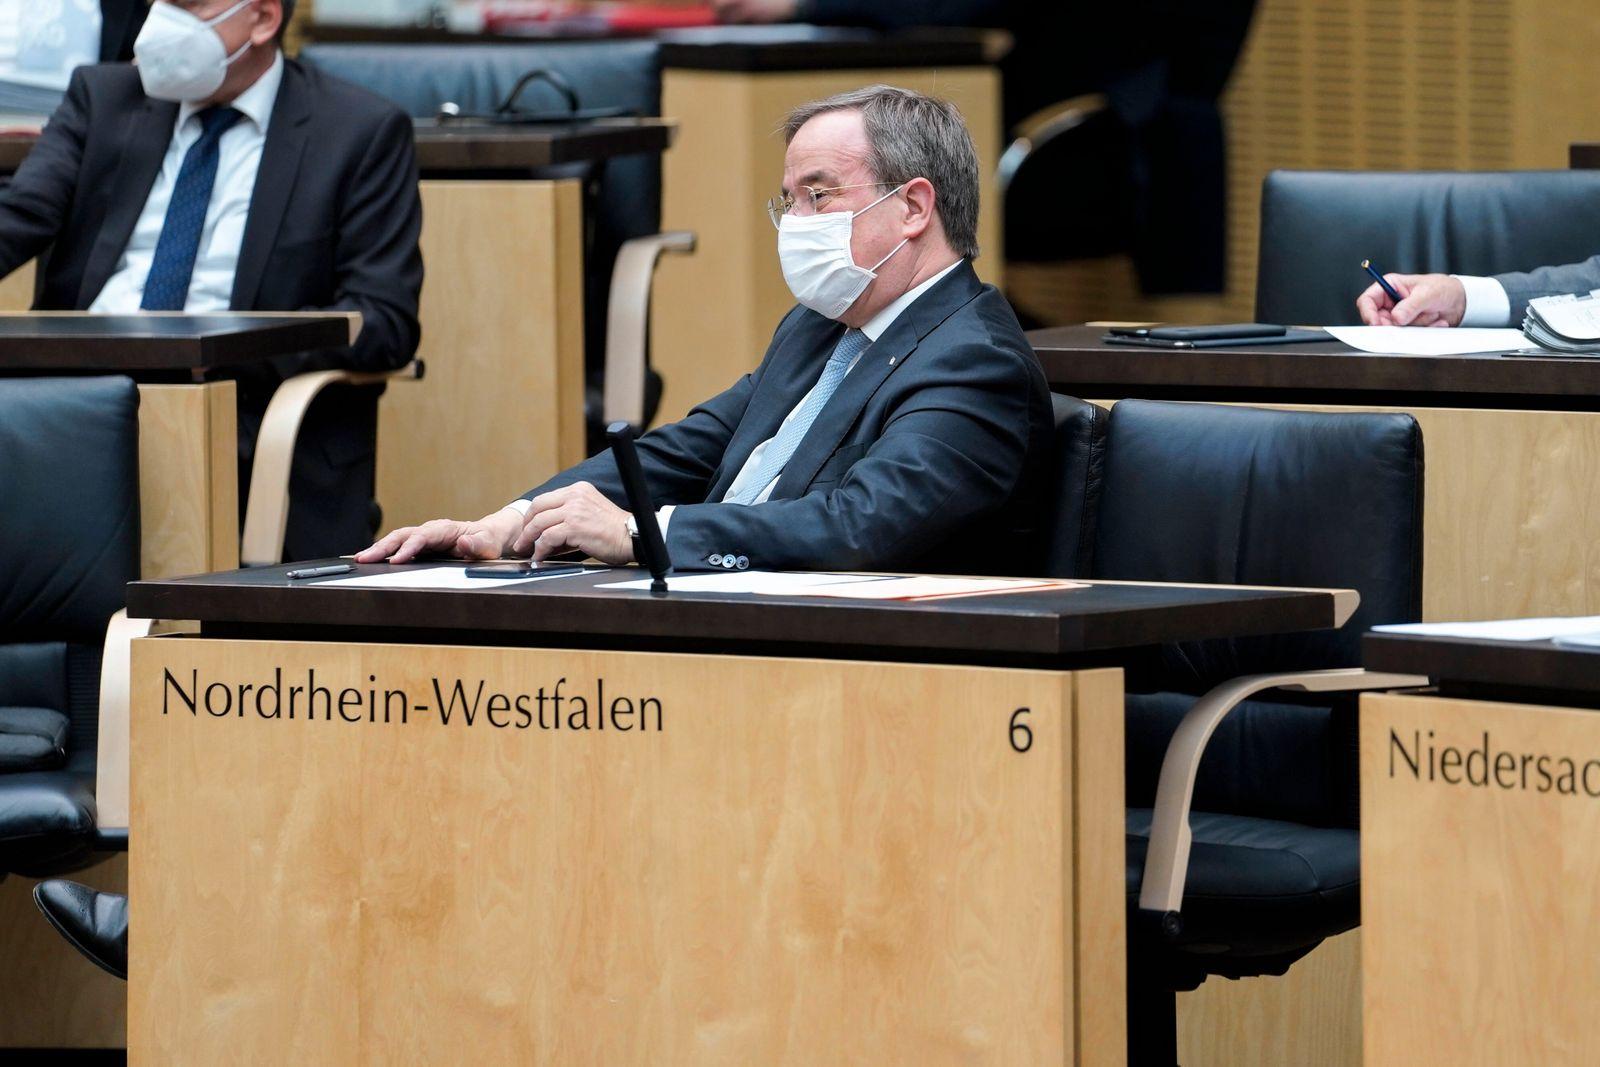 1002. Bundesratsitzung in Berlin Aktuell, 26.03.2021, Berlin, Armin Laschet (CDU) der Ministerpraesident von NRW und CD